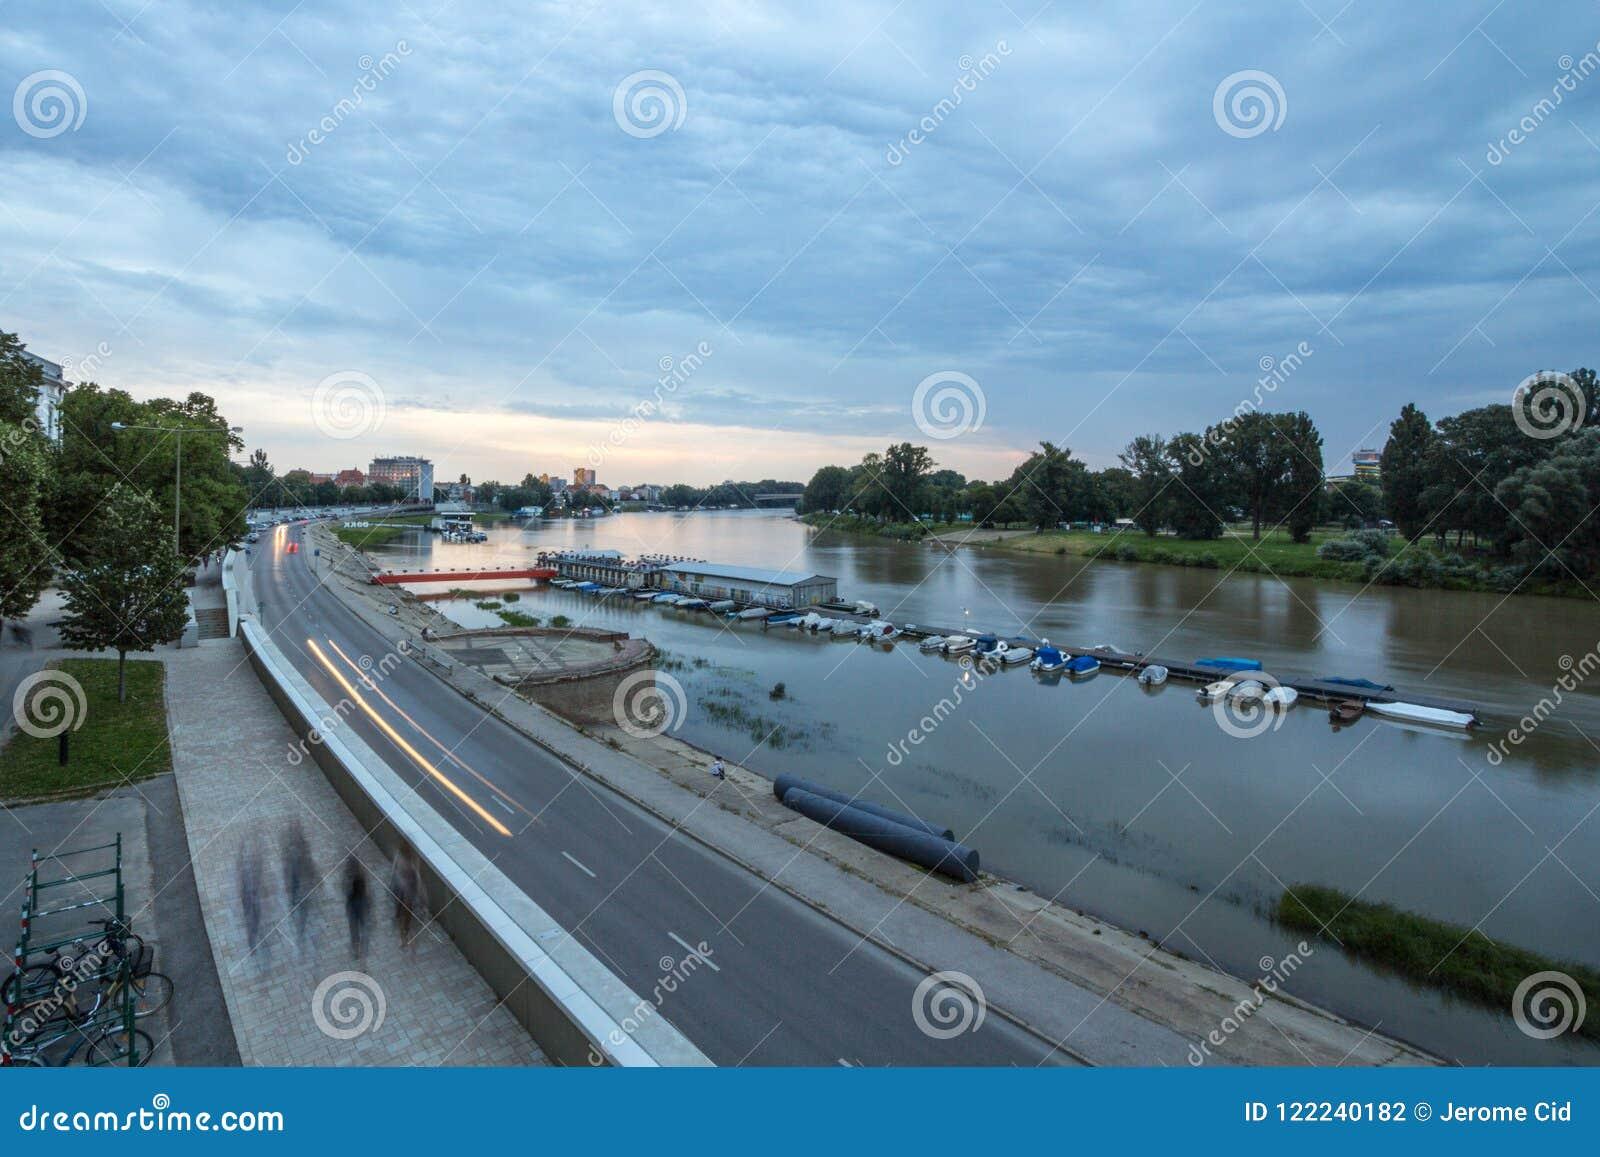 Bancos de rio de Tisza no centro da cidade de Szeged, visto na luz durante o por do sol durante uma tarde nebulosa do verão